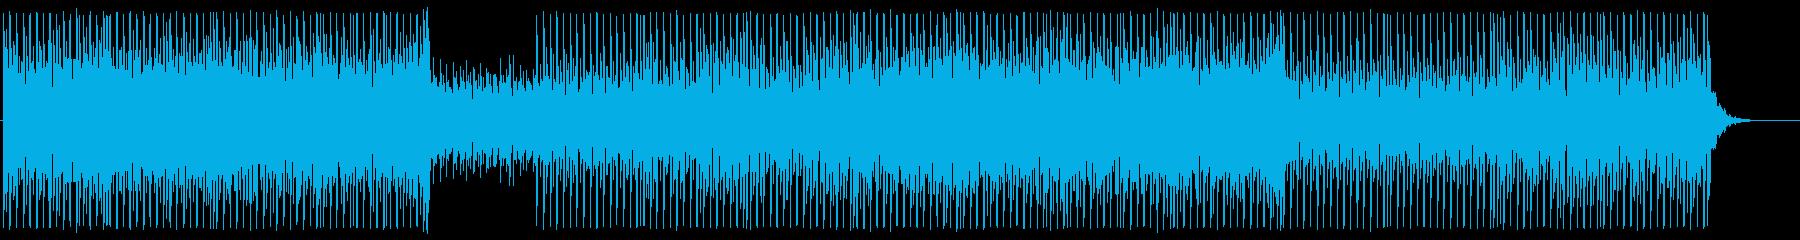 ビートの効いた軽いテクノ調の再生済みの波形